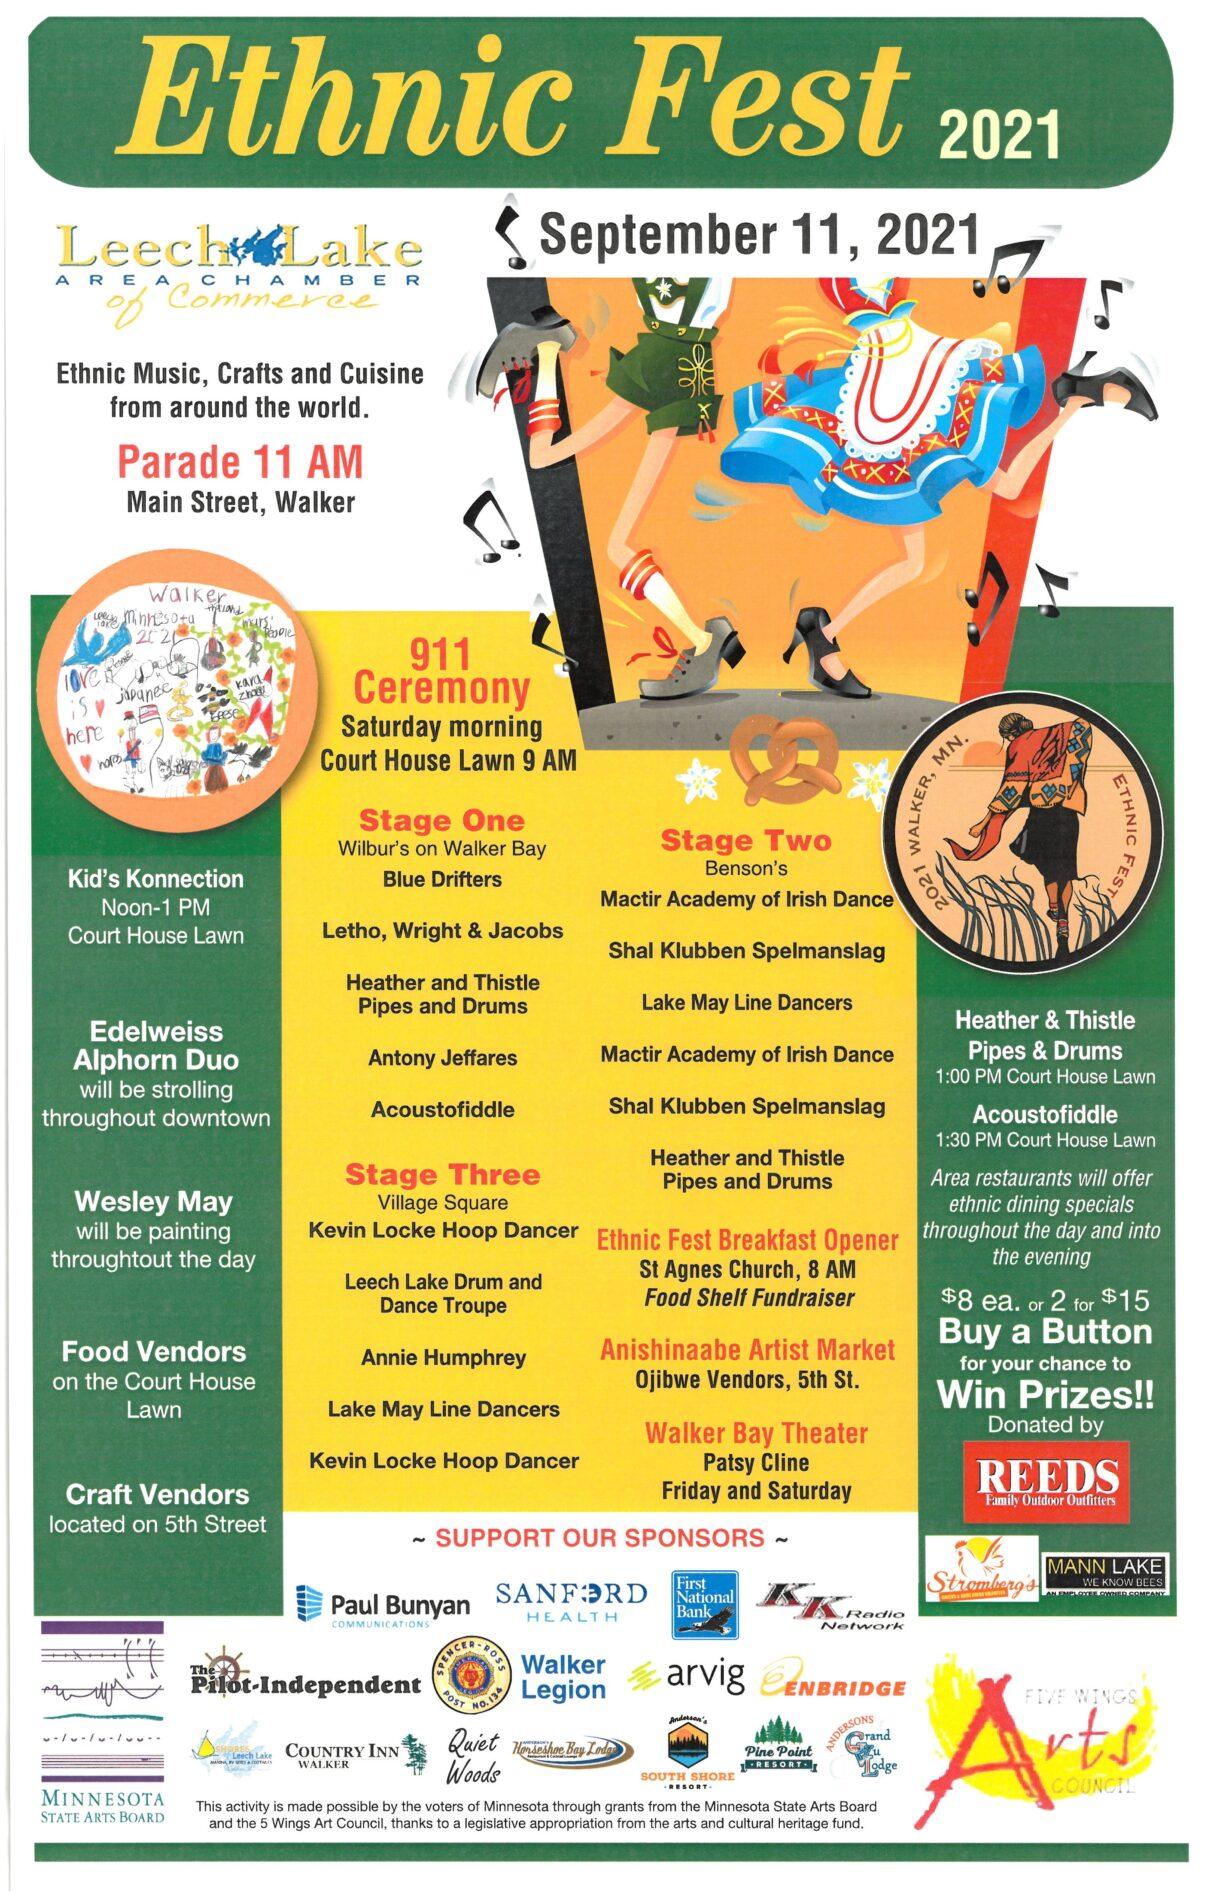 Ethnic Fest - Sept. 11, 2021